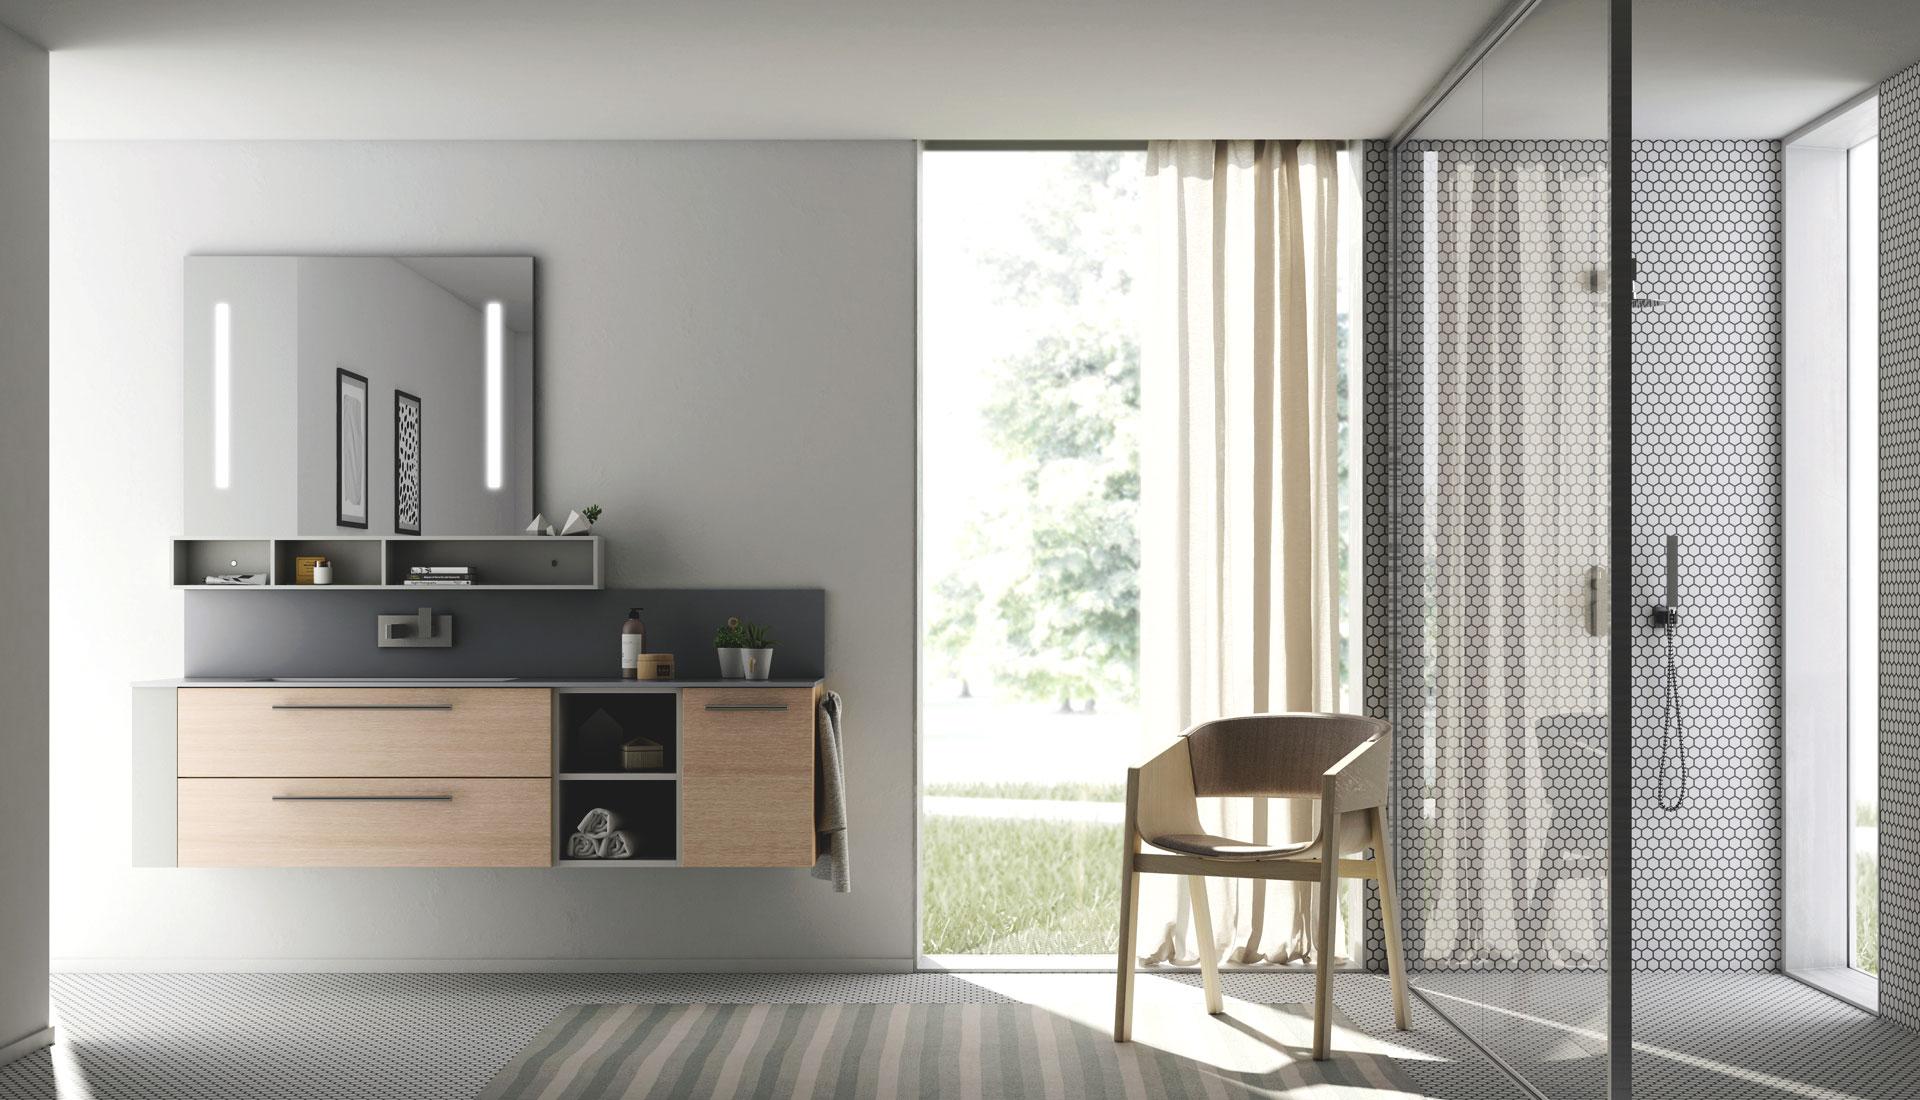 Puntotre composizione l08 mobilia group divani for Mobilia spazio